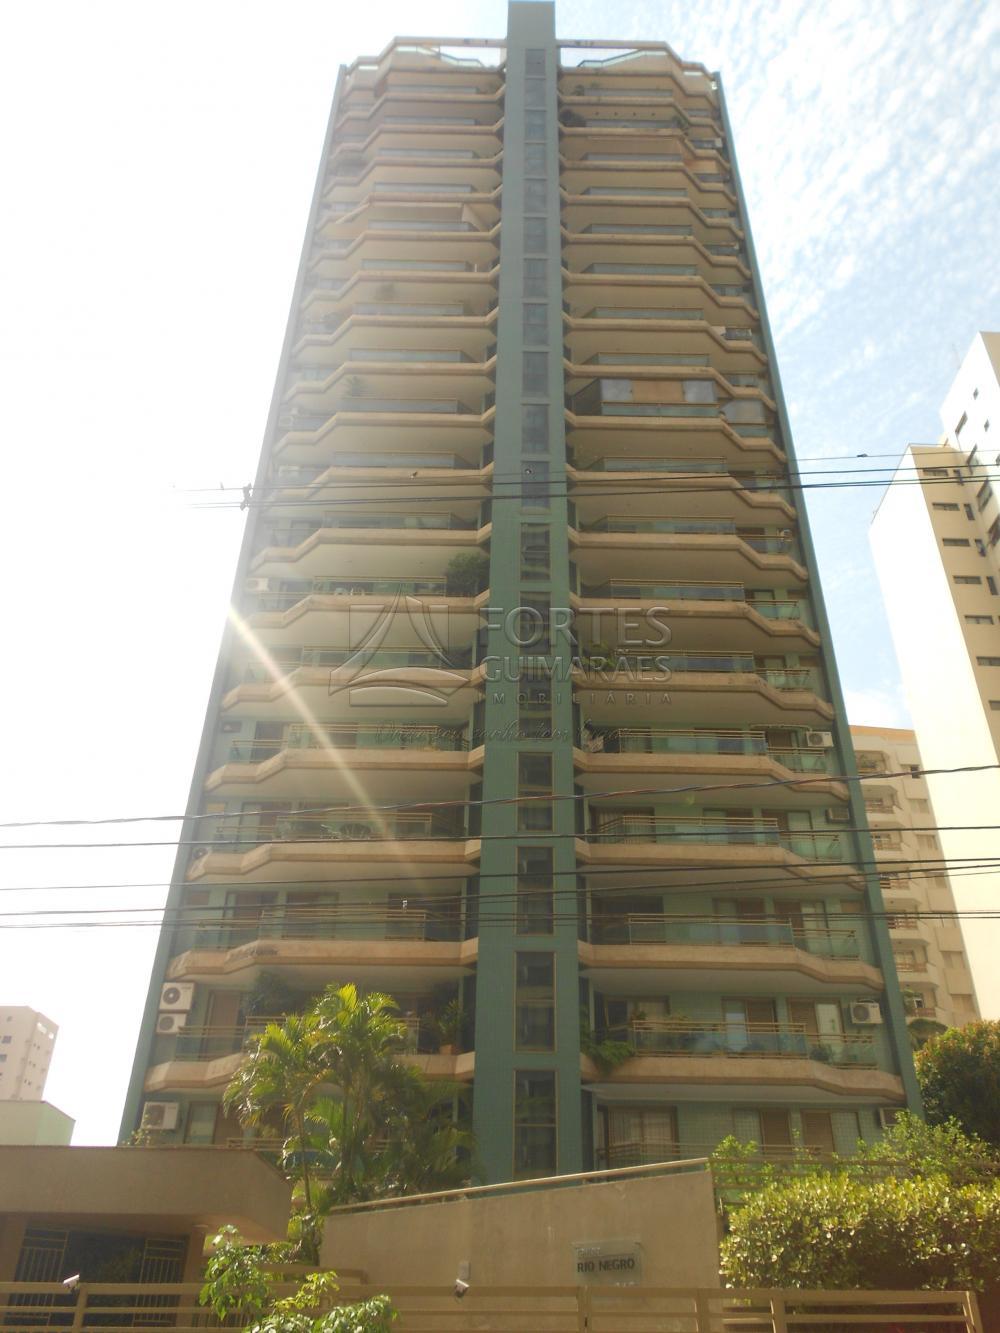 Alugar Apartamentos / Padrão em Ribeirão Preto apenas R$ 1.600,00 - Foto 65